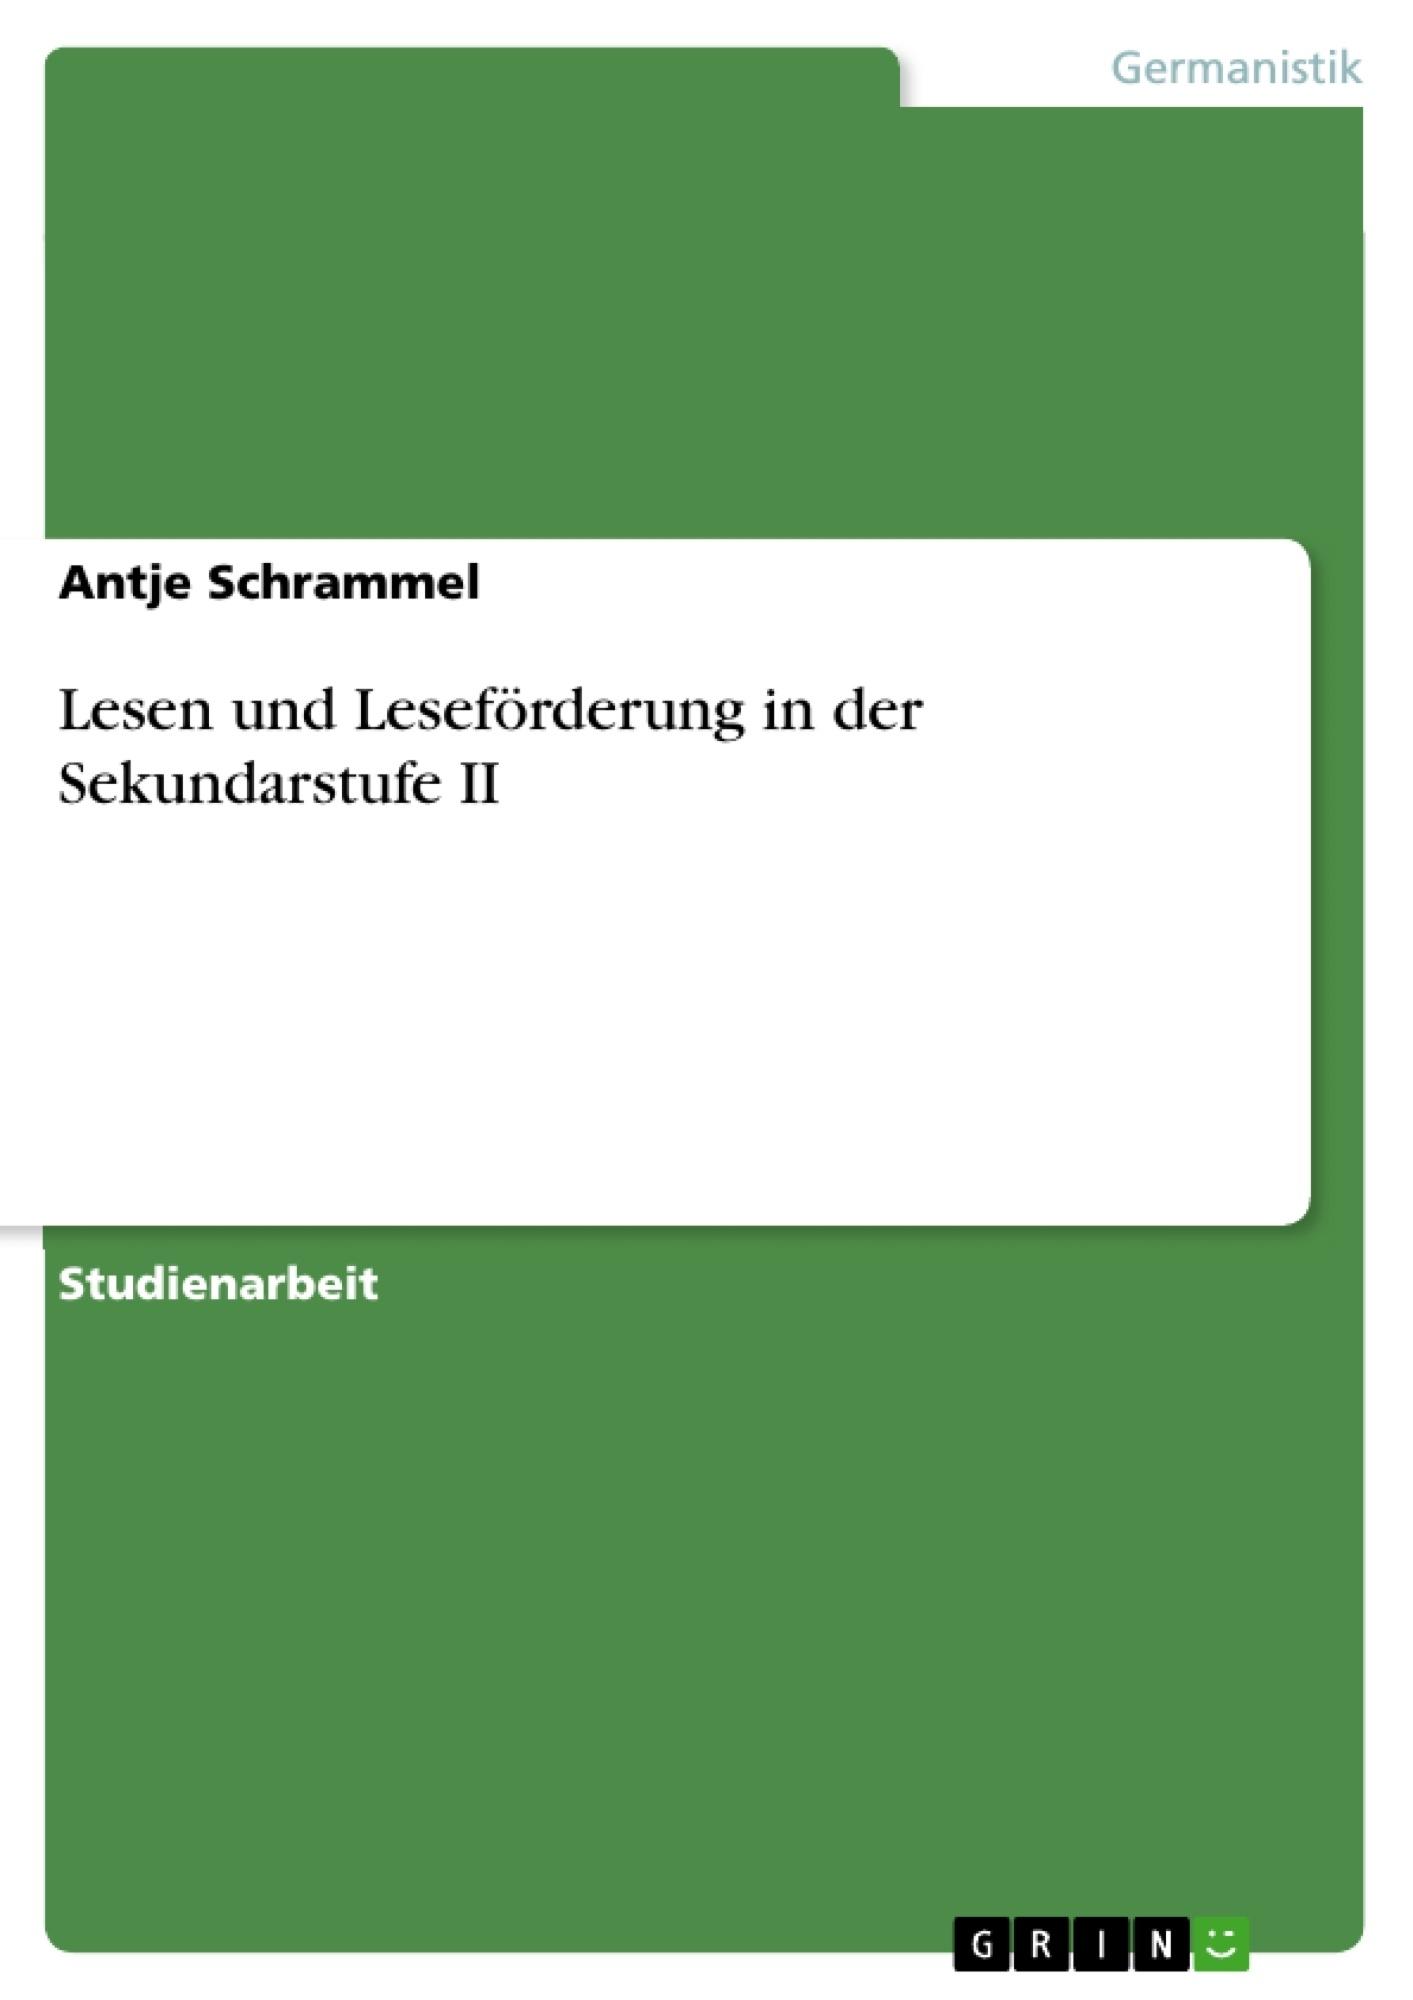 Titel: Lesen und Leseförderung in der Sekundarstufe II